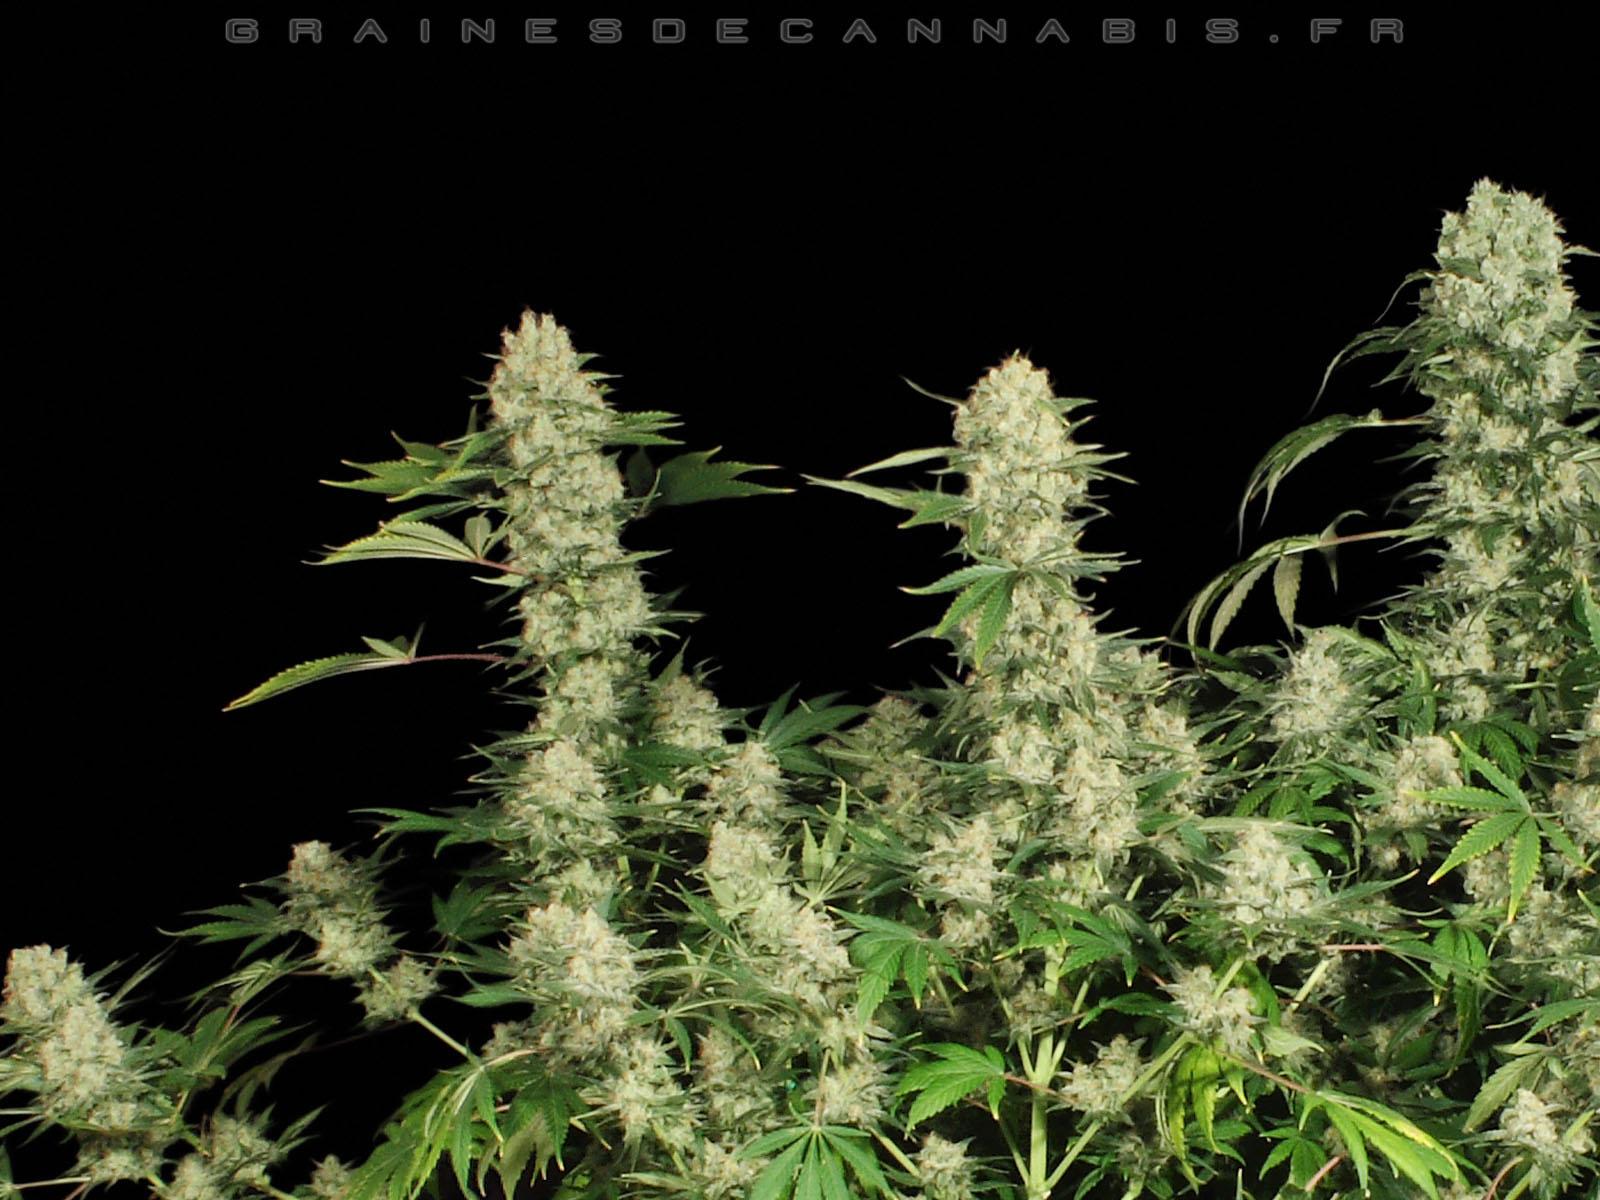 Fonds d cran cannabis t l charger un d arri re plan du for Image arriere plan pc